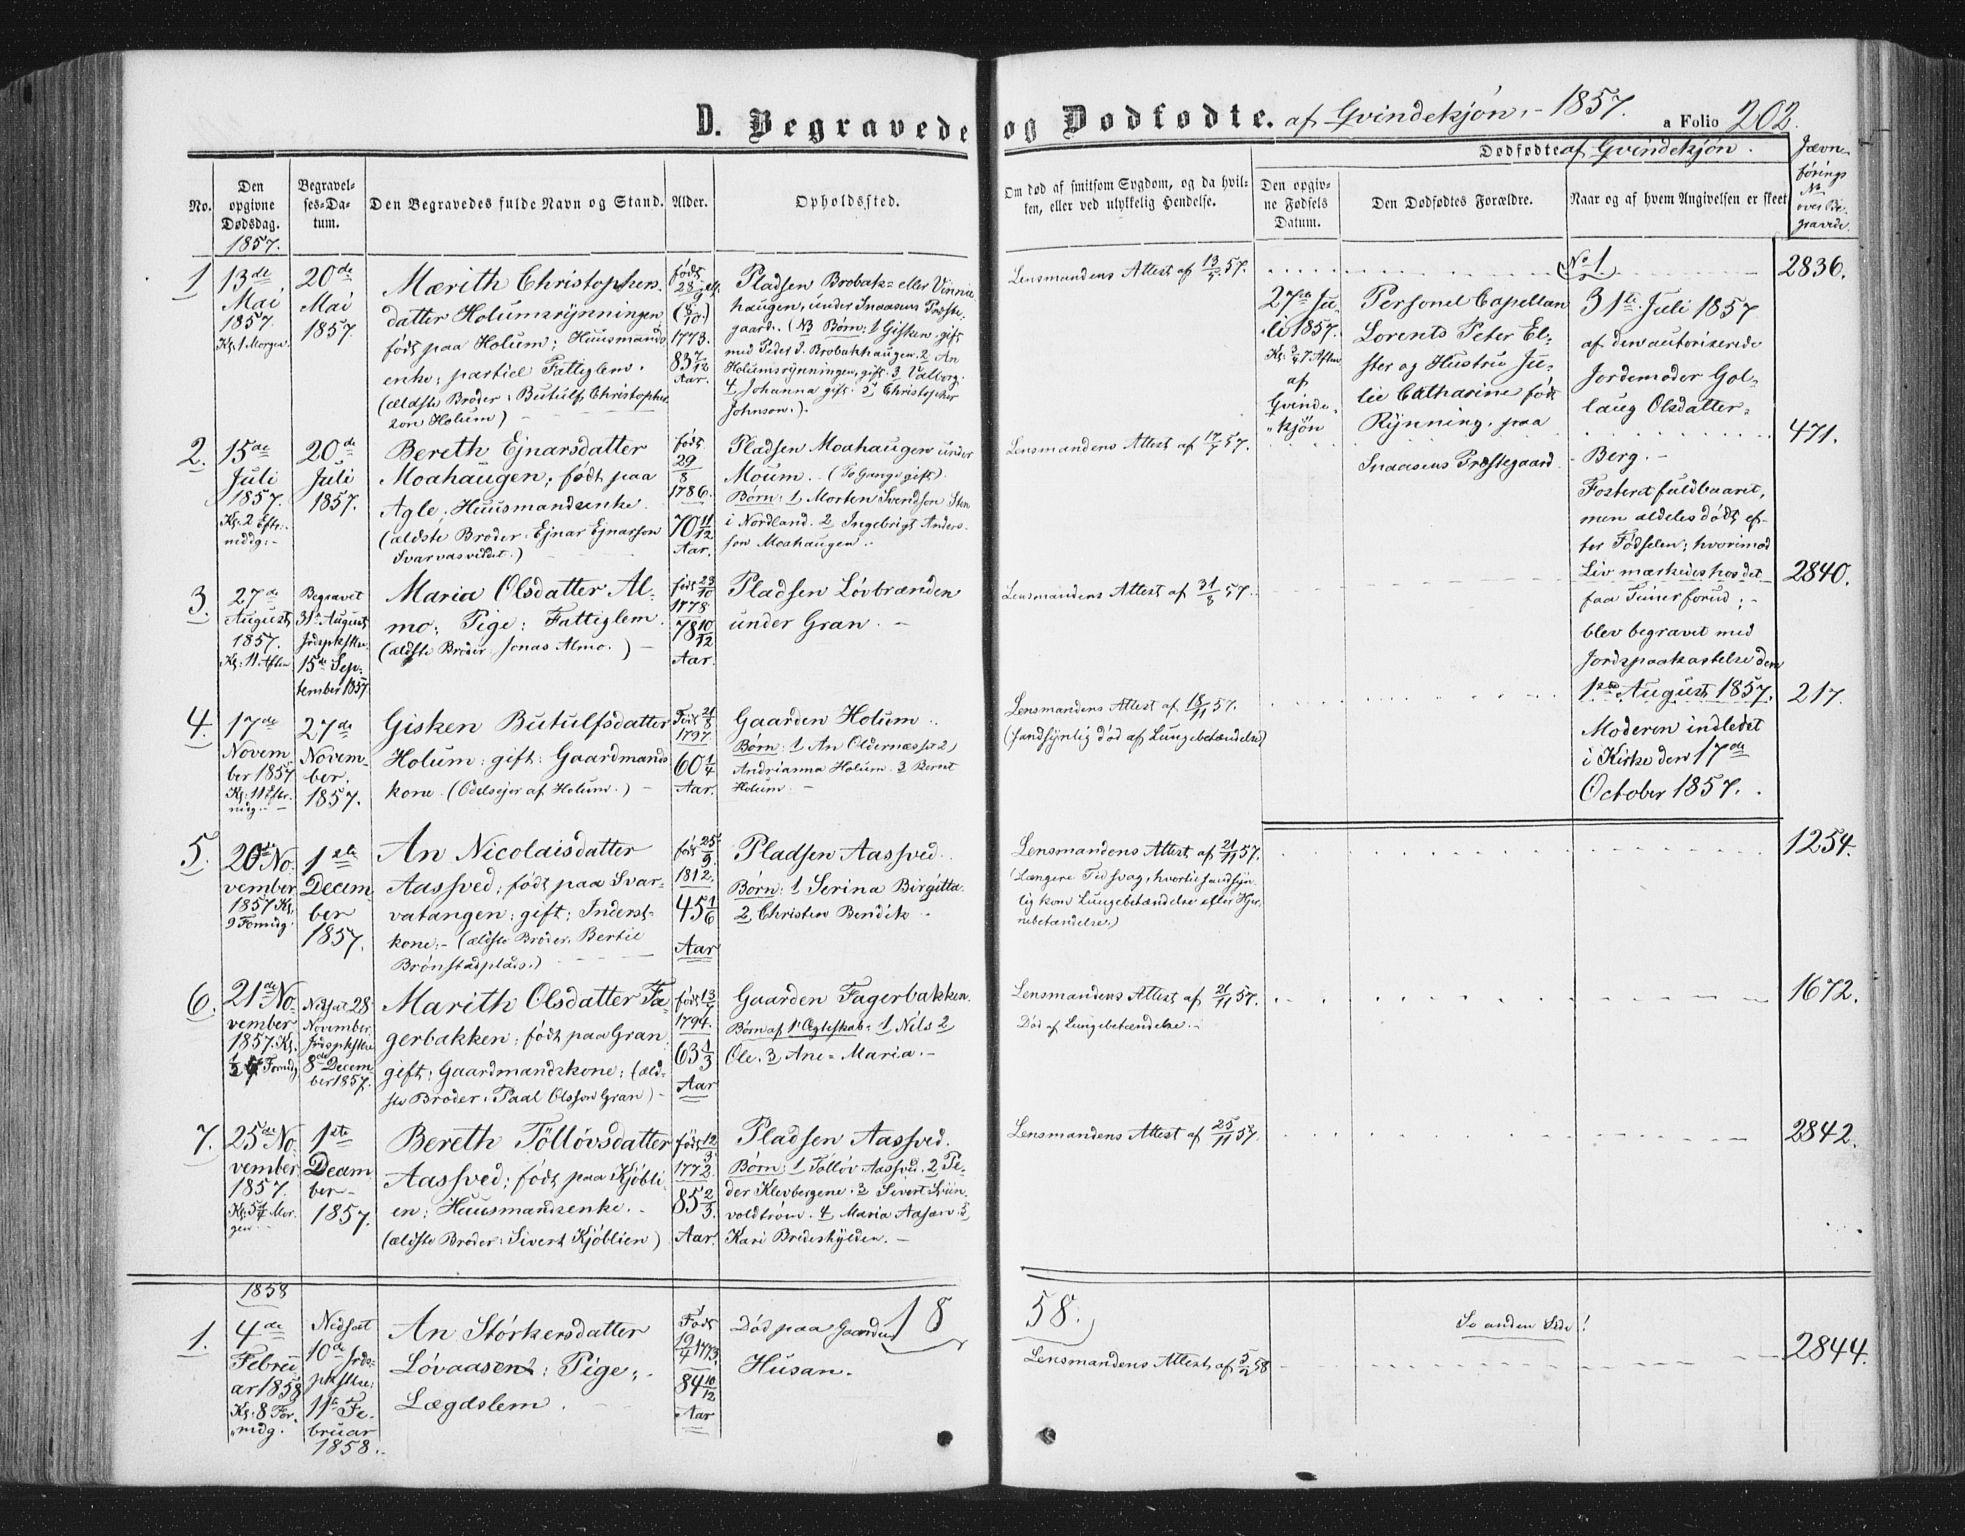 SAT, Ministerialprotokoller, klokkerbøker og fødselsregistre - Nord-Trøndelag, 749/L0472: Ministerialbok nr. 749A06, 1857-1873, s. 202